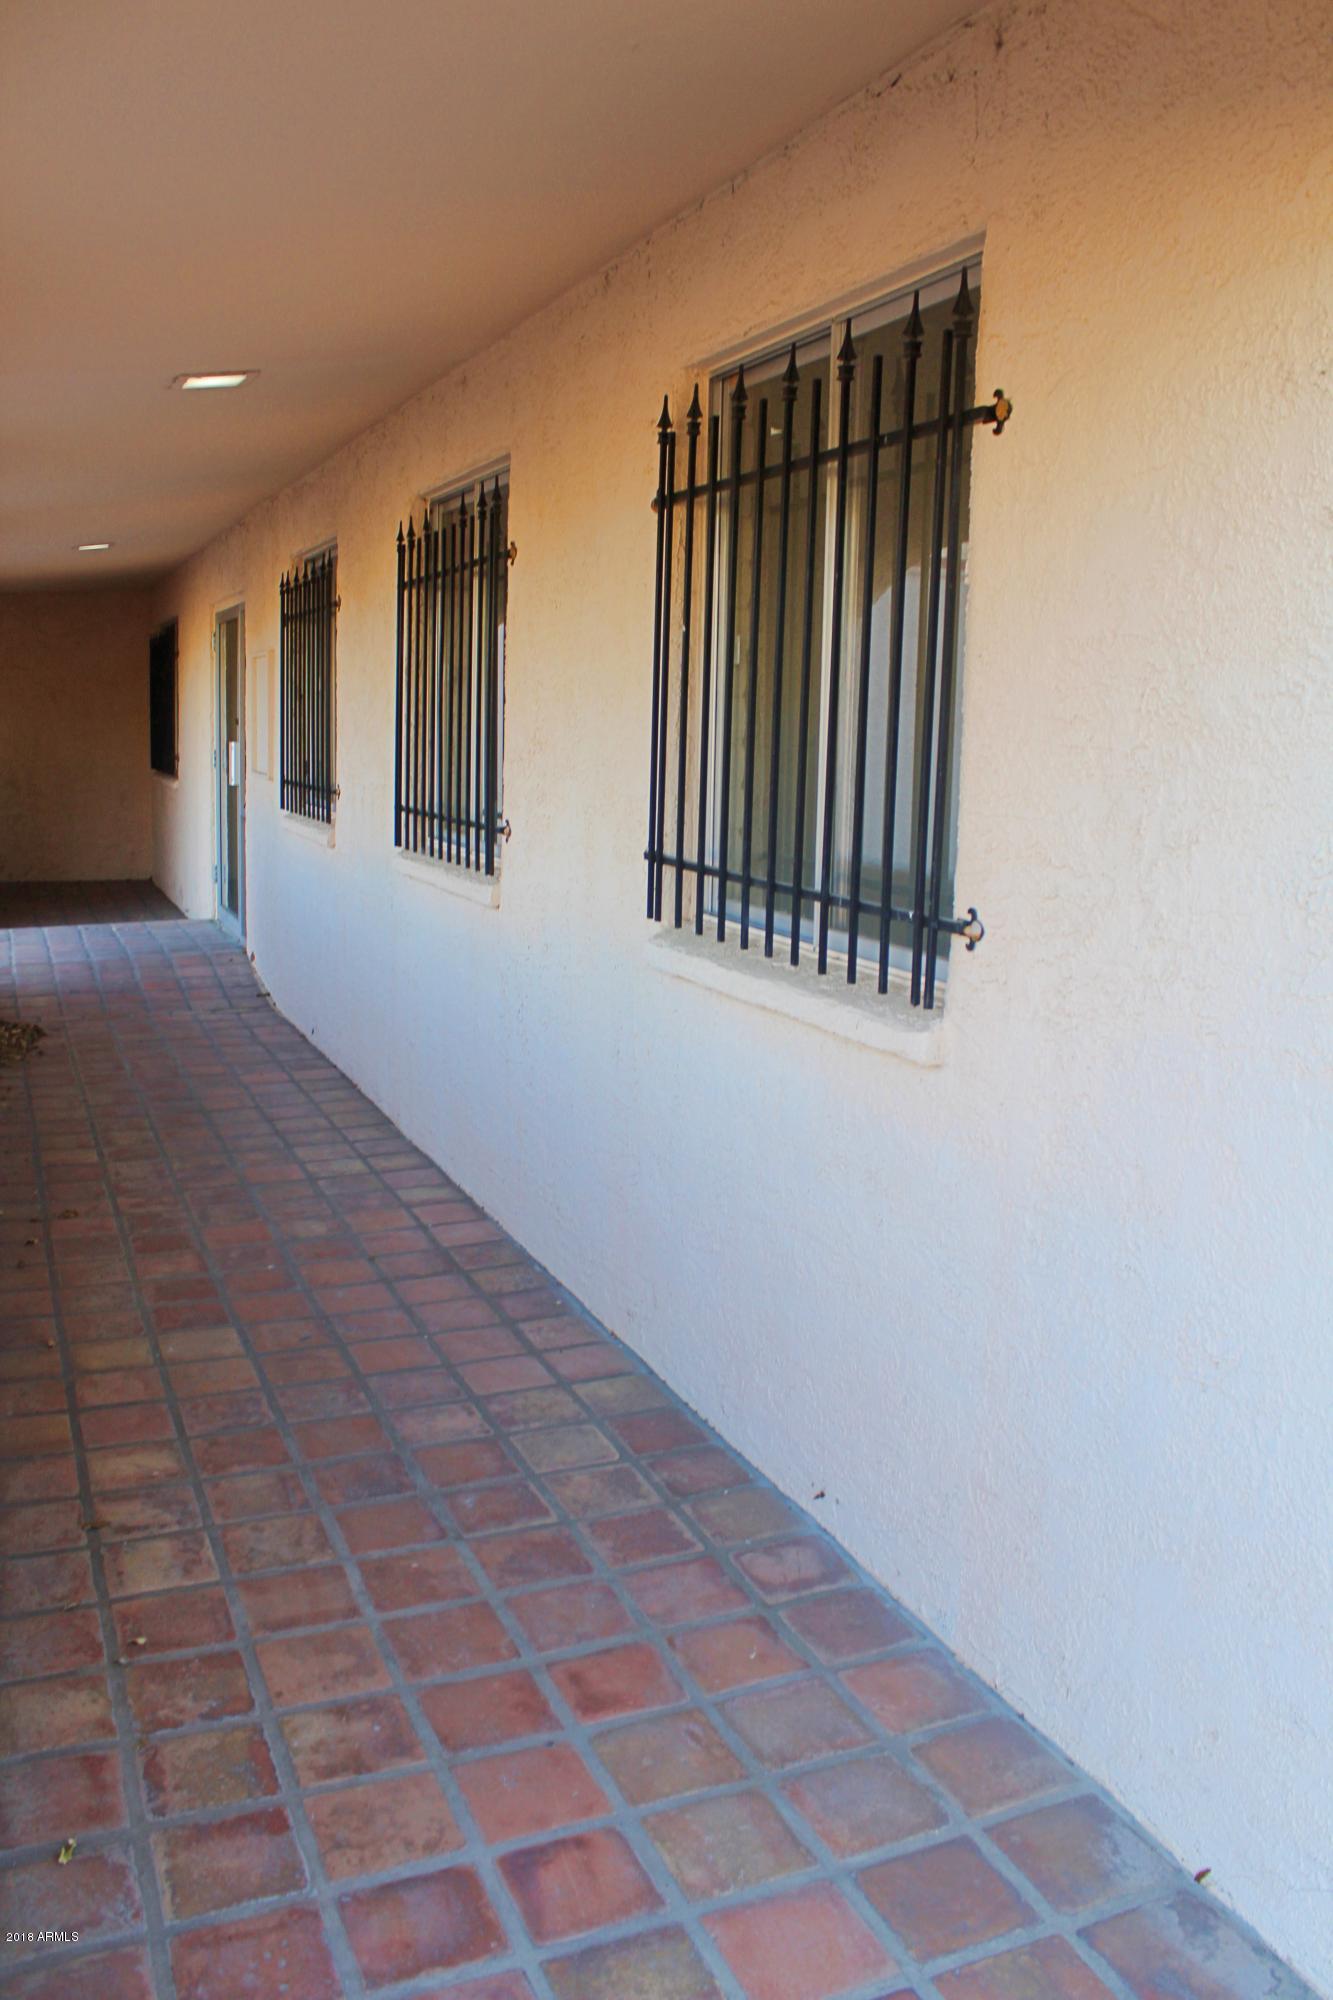 4443 BROADWAY Street Miami, AZ 85539 - MLS #: 5845473